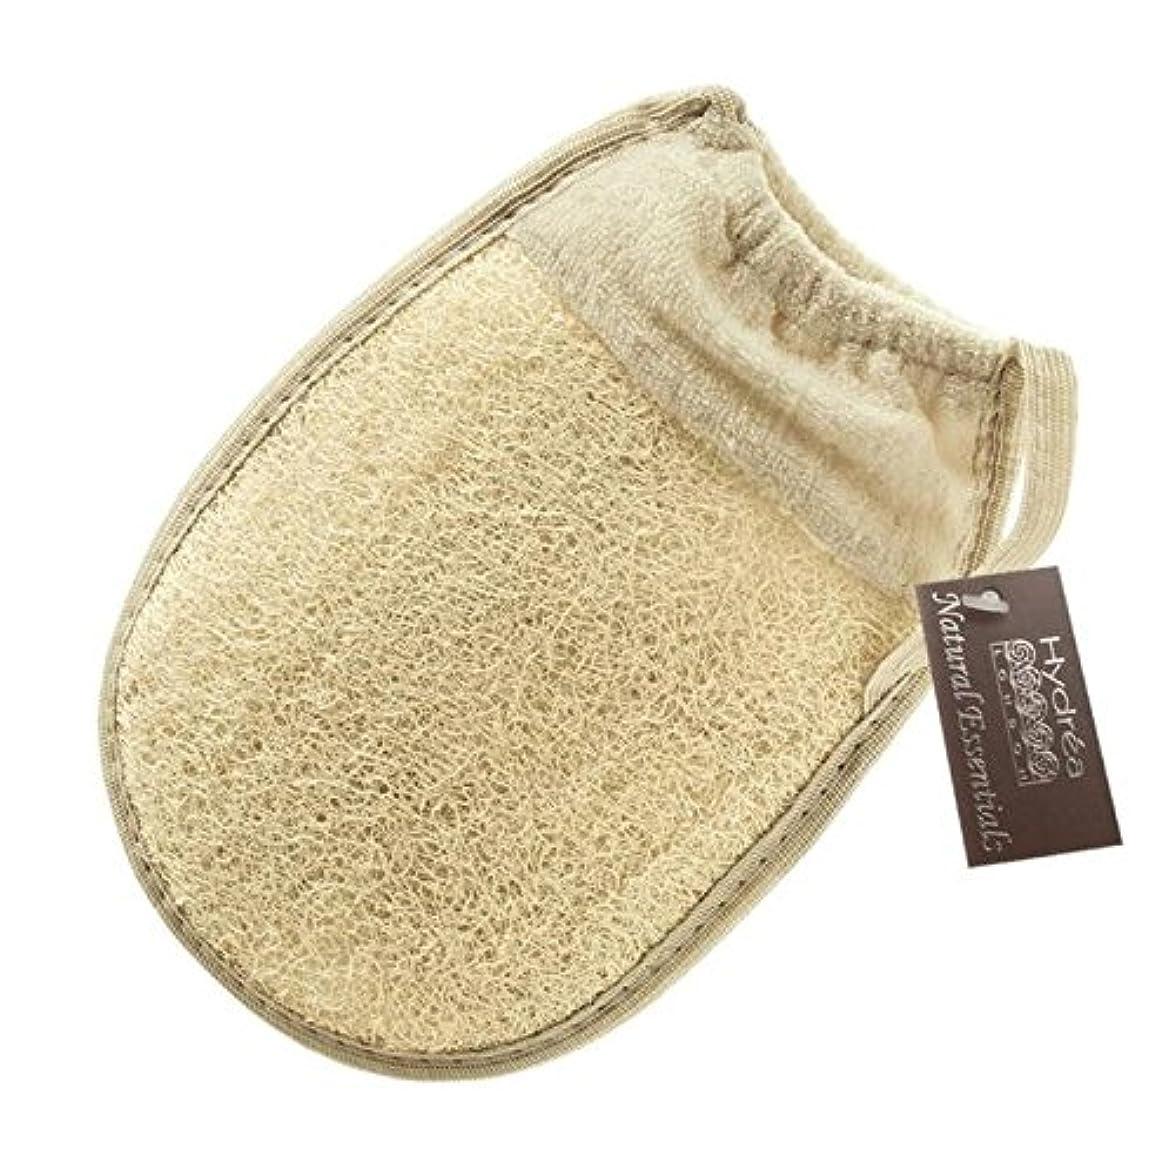 汚染転送関税Hydrea London Egyptian Loofah Glove with Elasticated Cuff - 伸縮性カフとハイドレアロンドンエジプトのヘチマグローブ [並行輸入品]